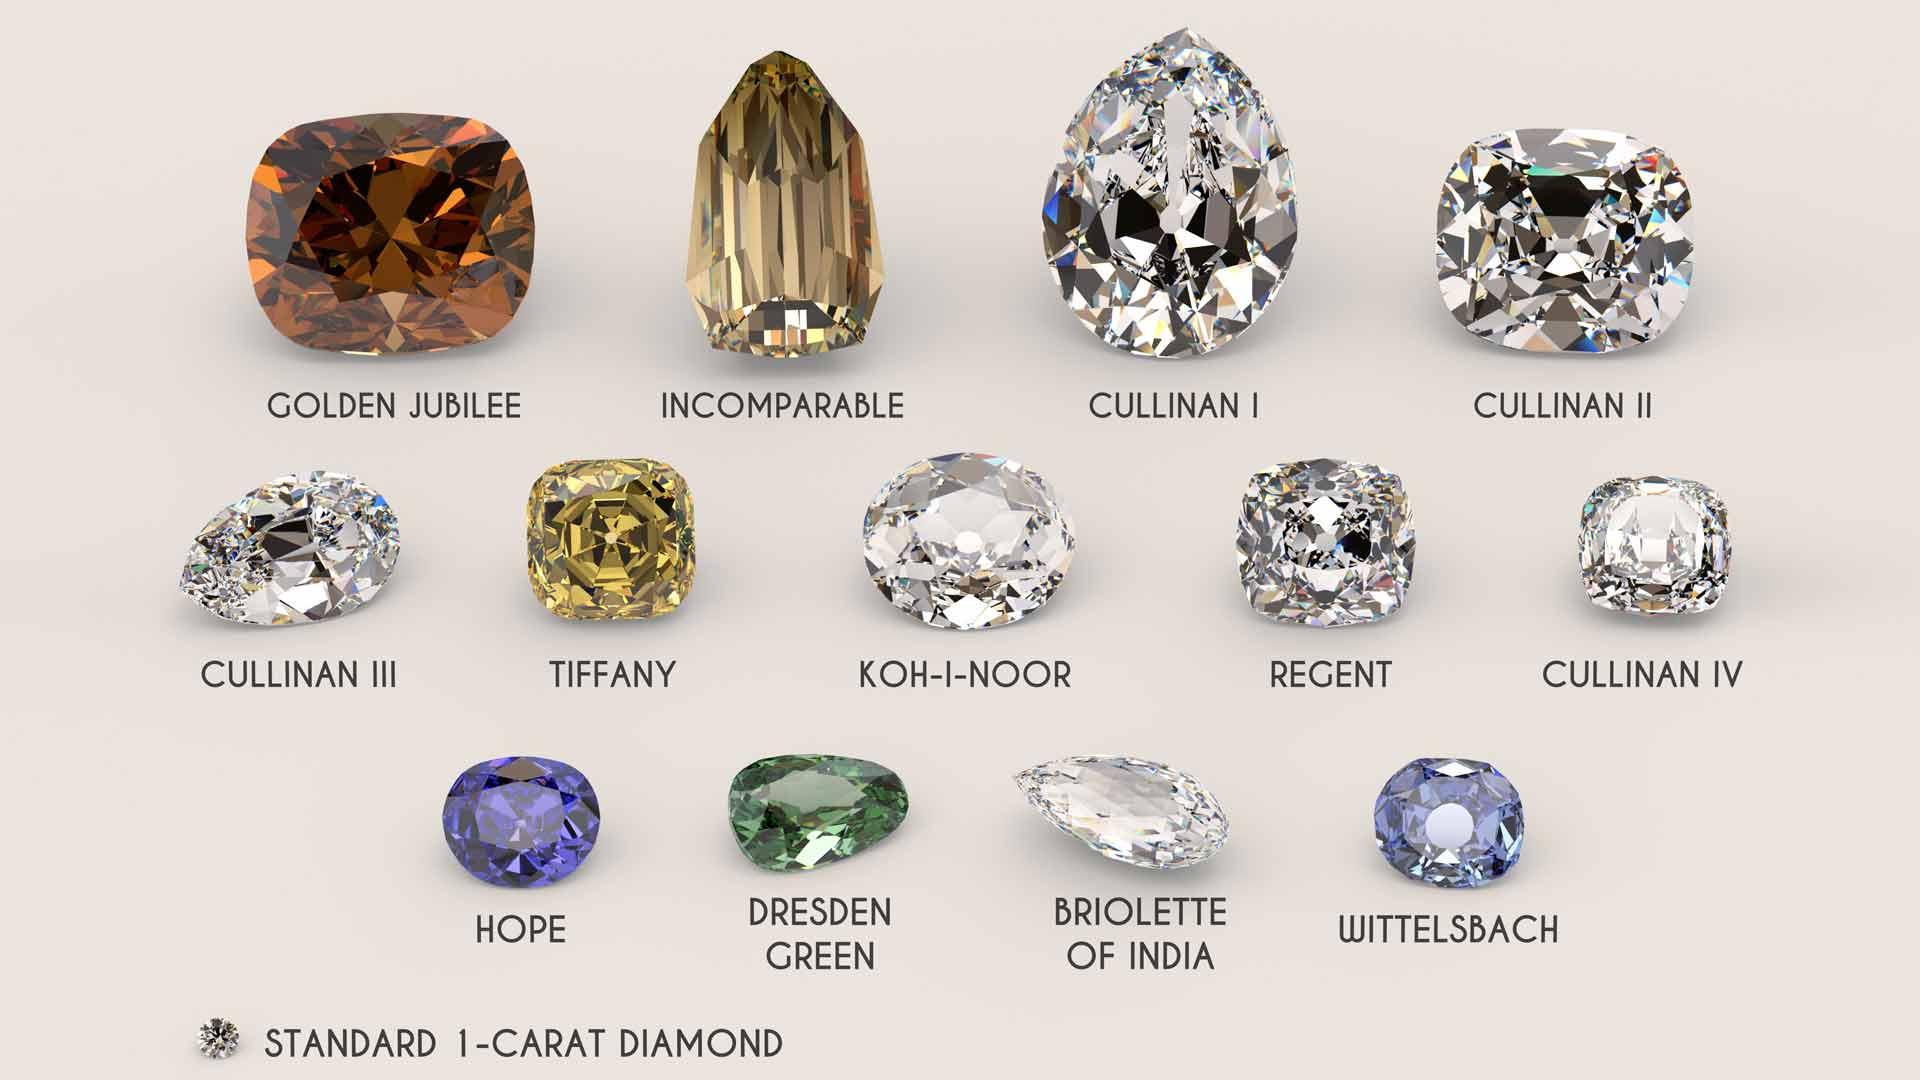 diamants de couleur les plus célèbres